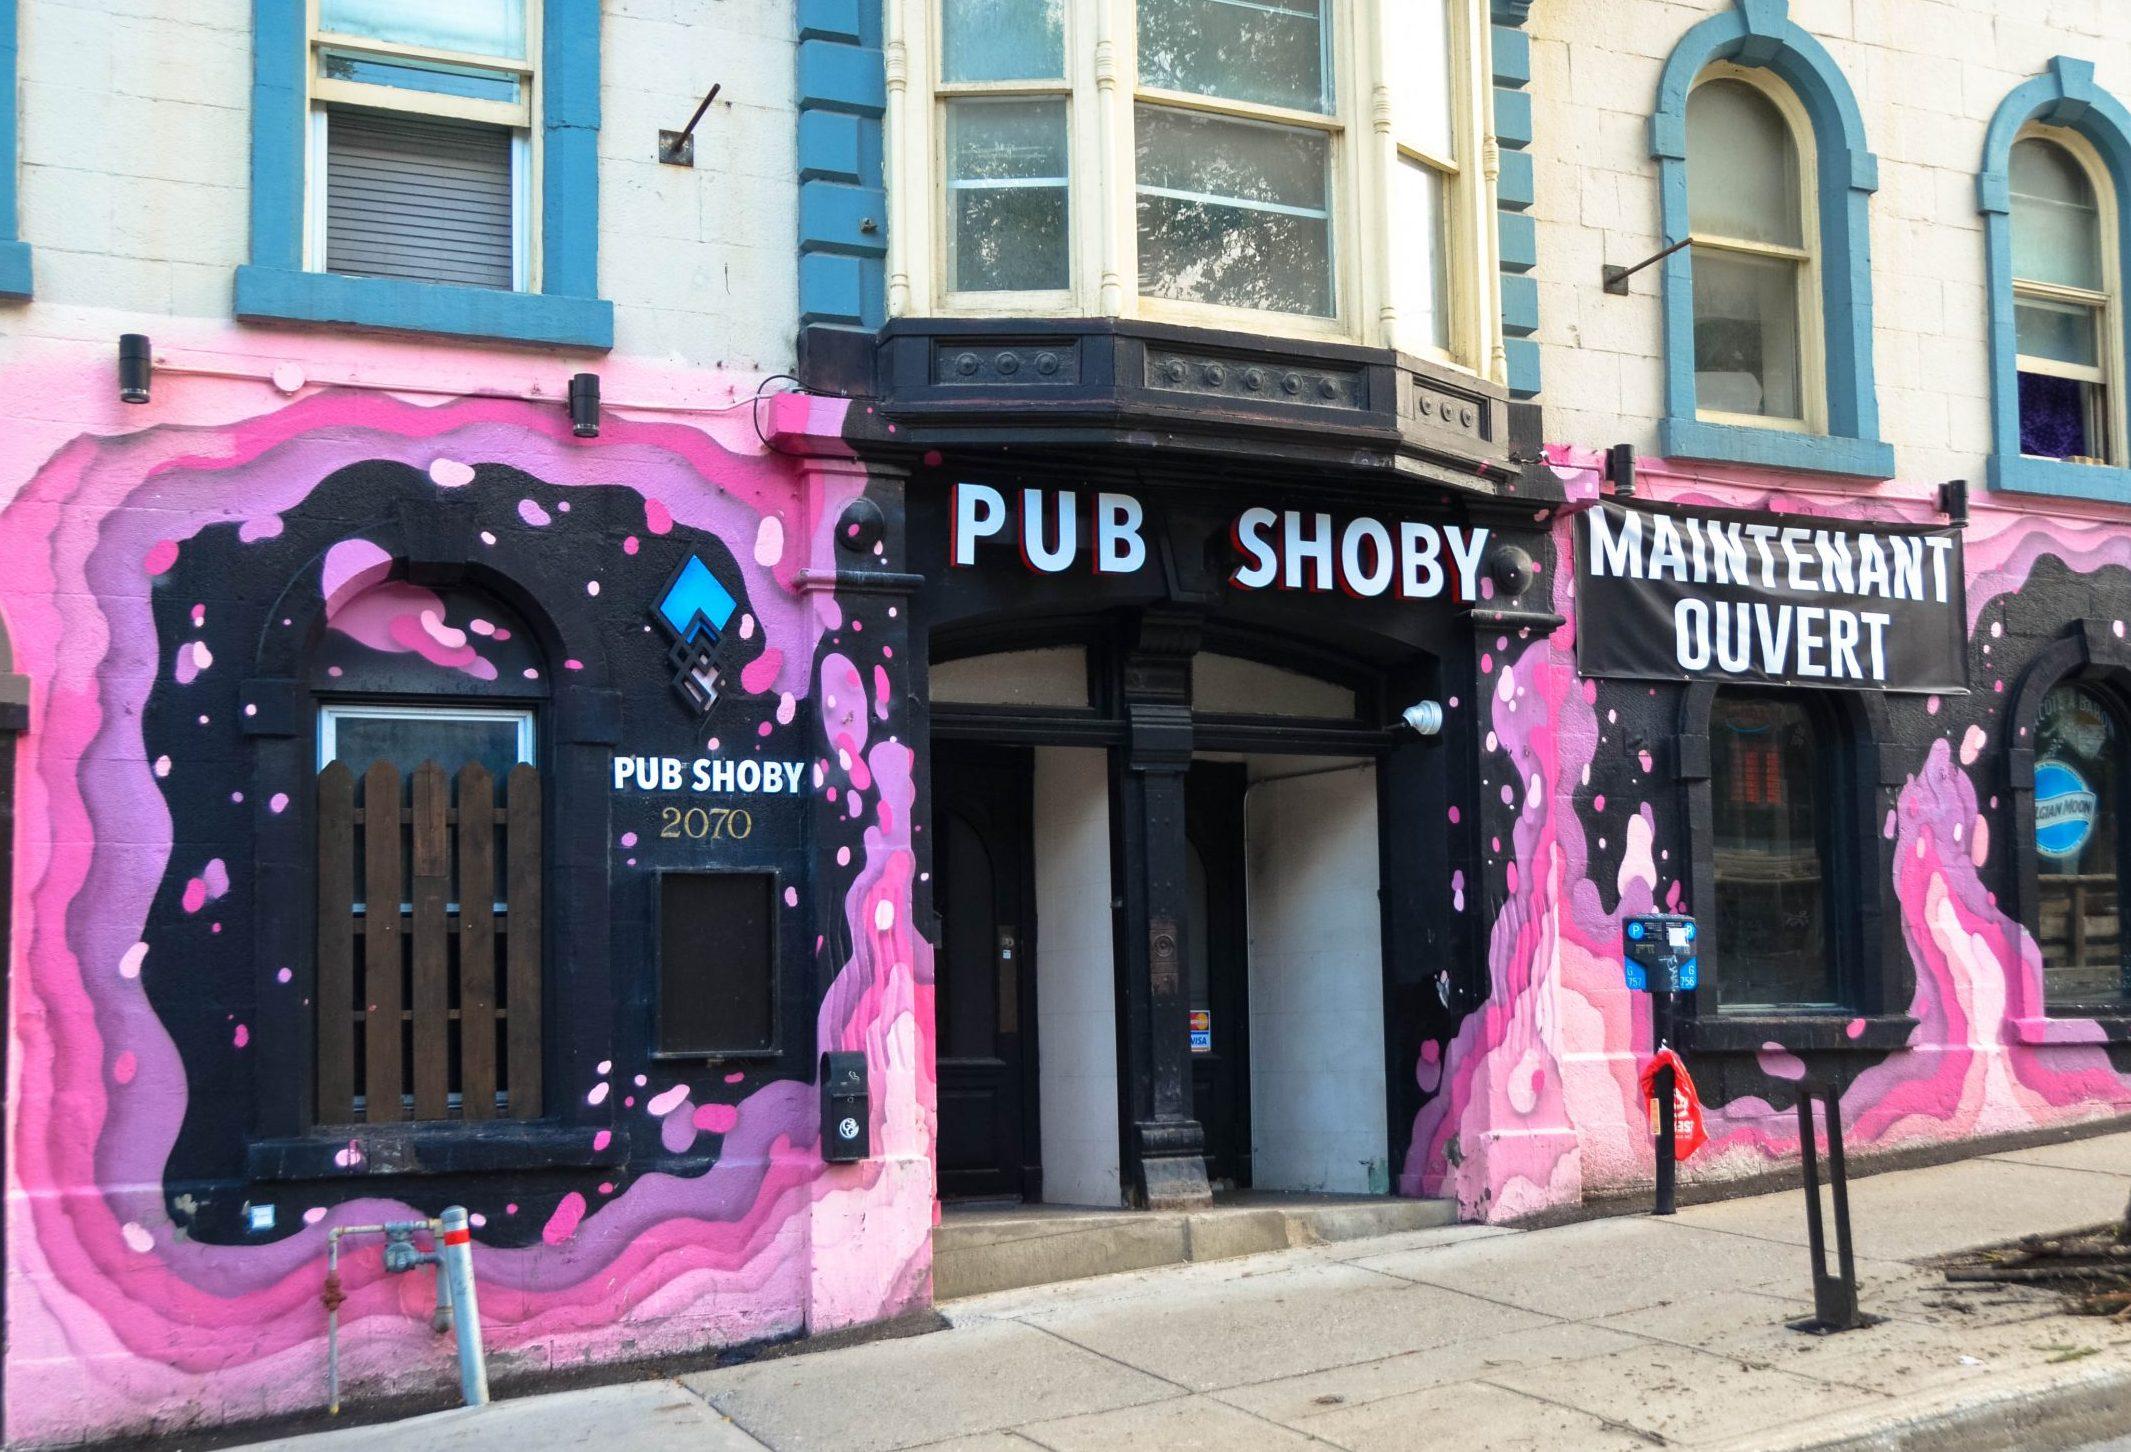 Pub Shoby